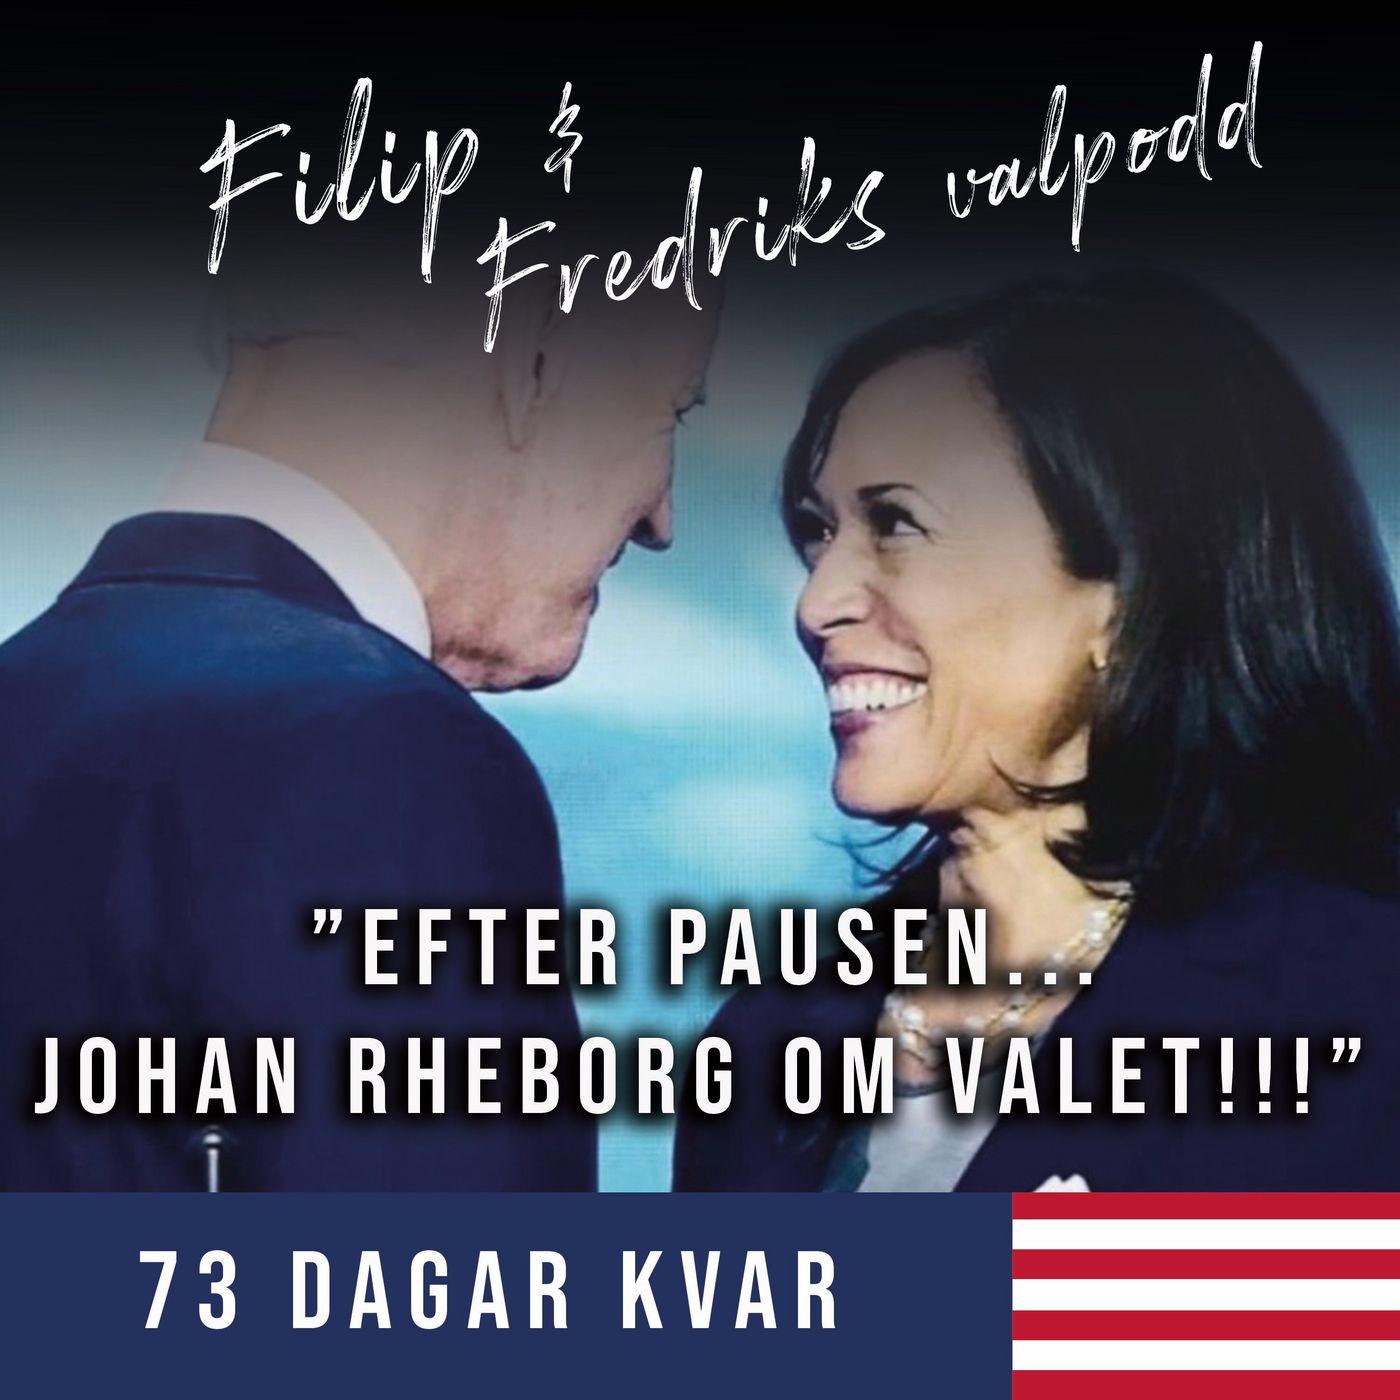 73 dagar kvar: Efter pausen... Johan Rheborg om valet!!!